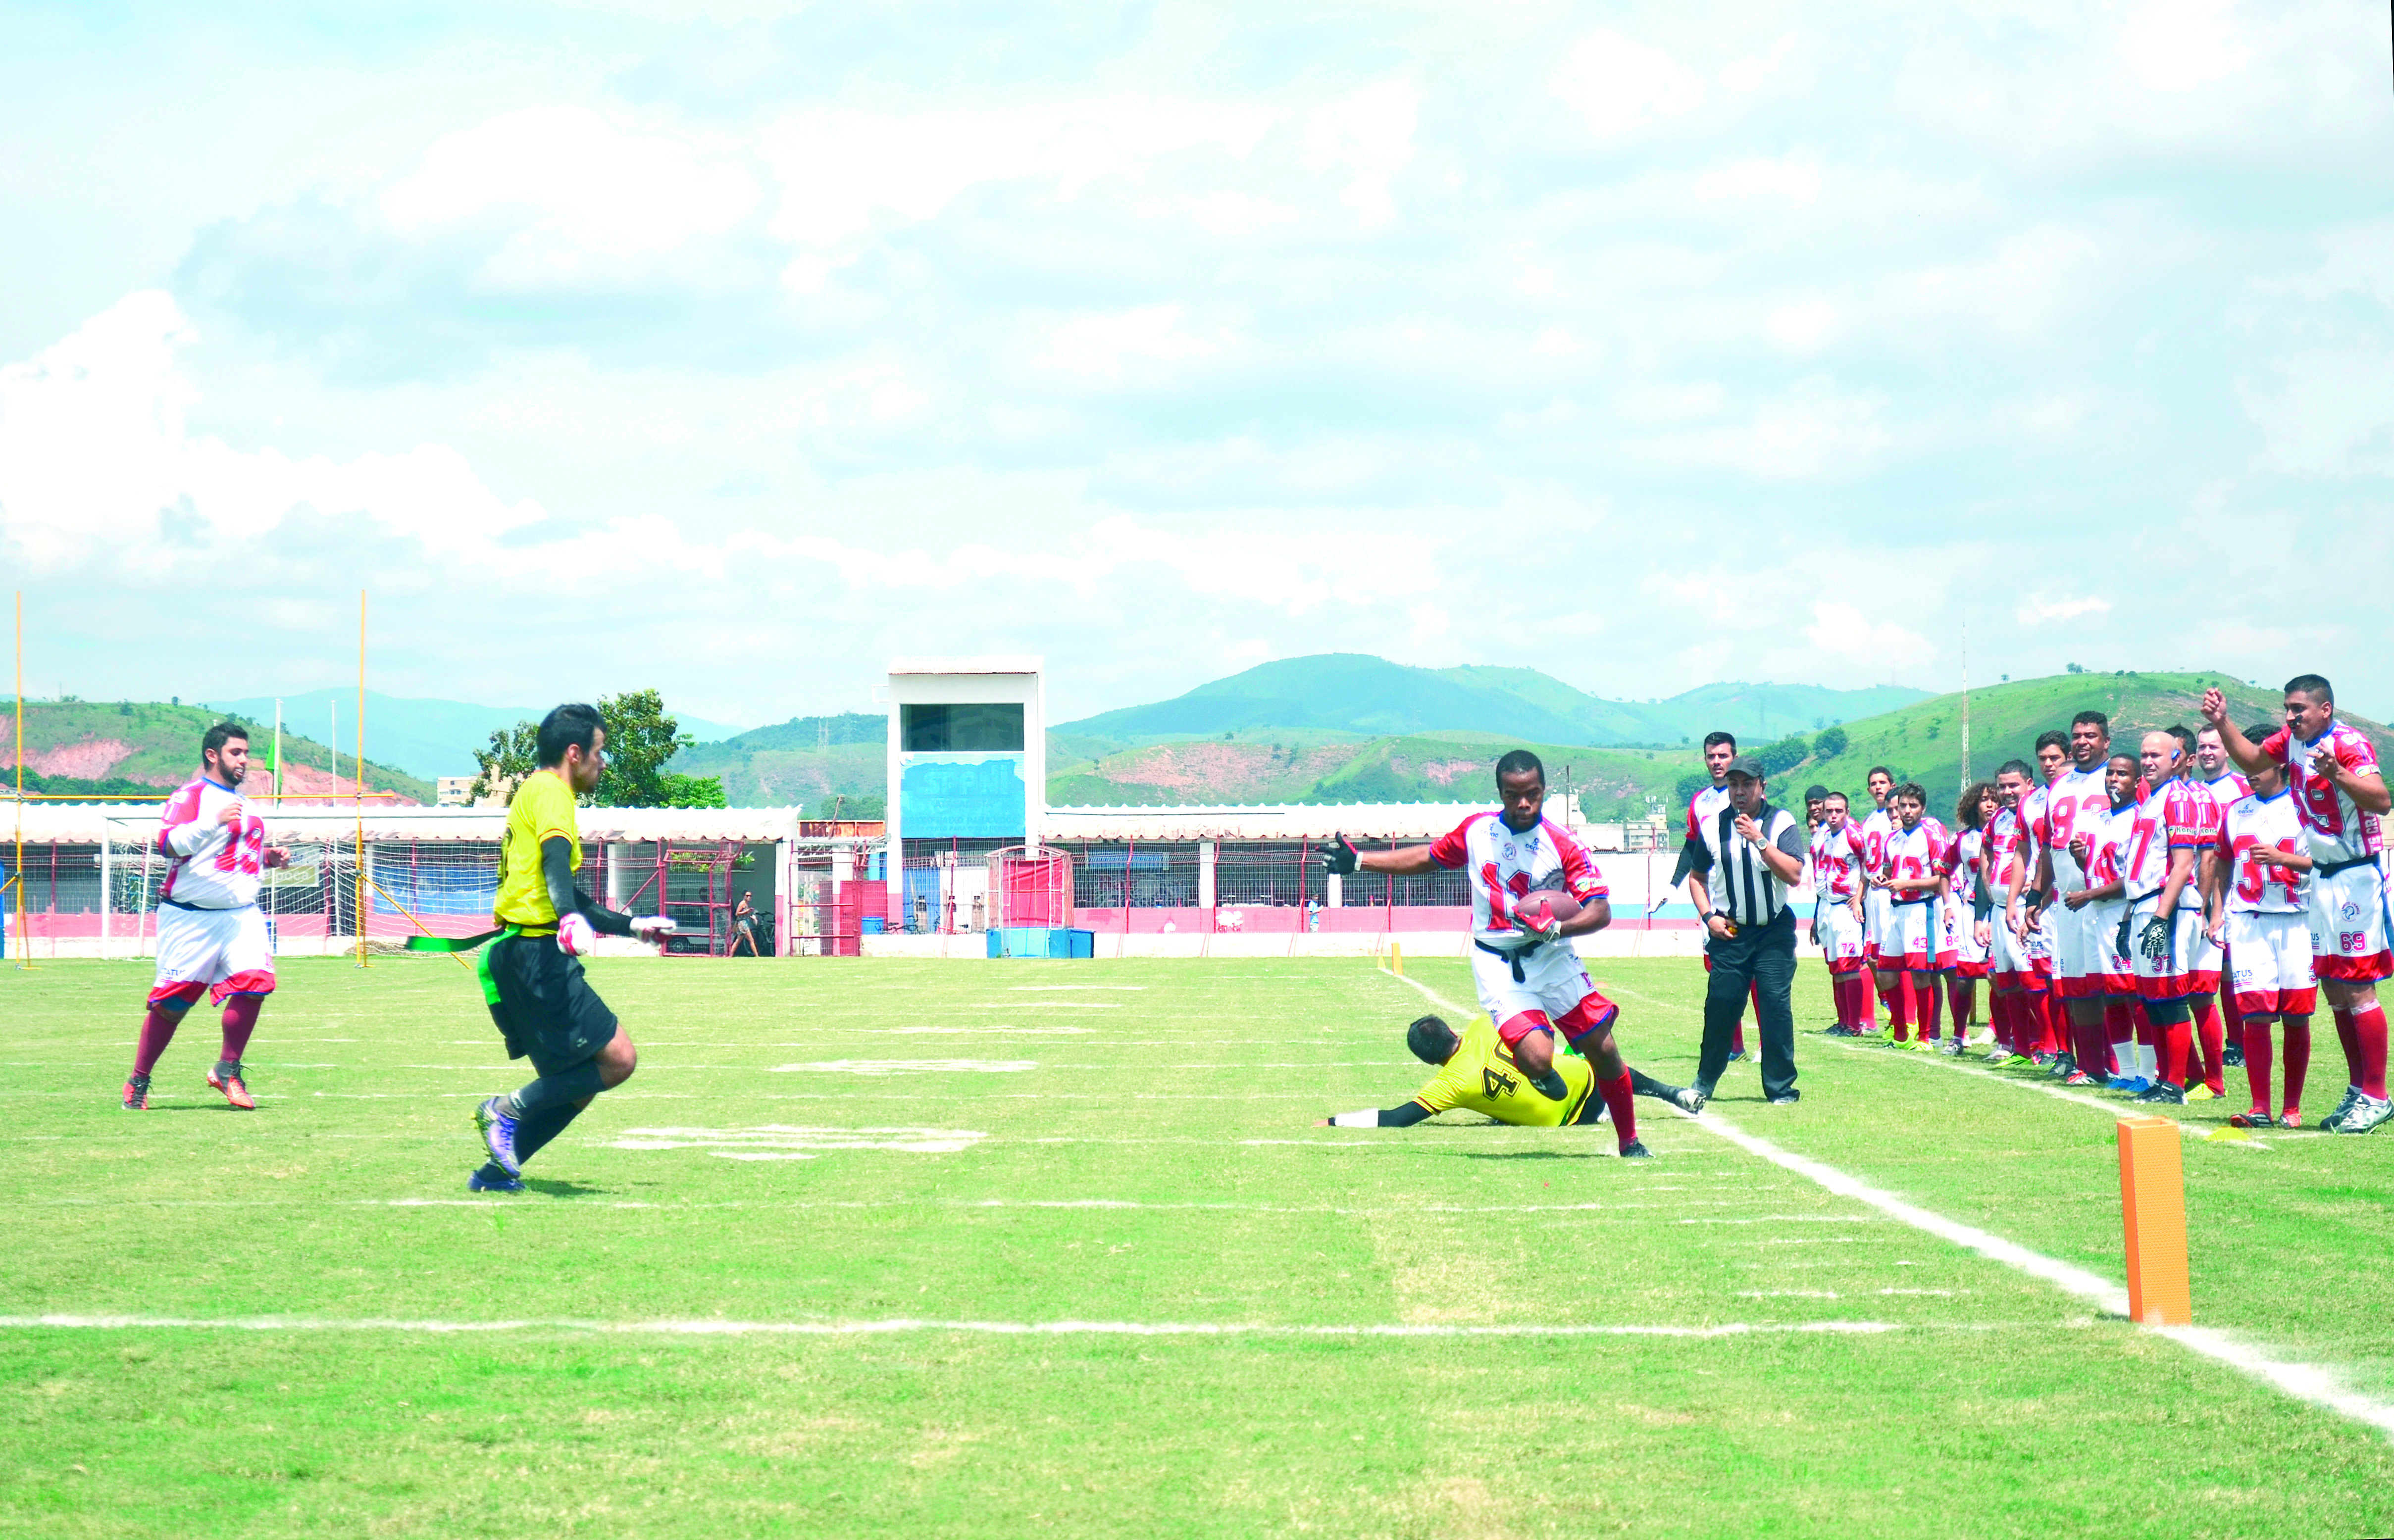 Em lance da partida, jogador do Cranes passa pela marcação e avança em direção a endzone (Leandro Oliveira)